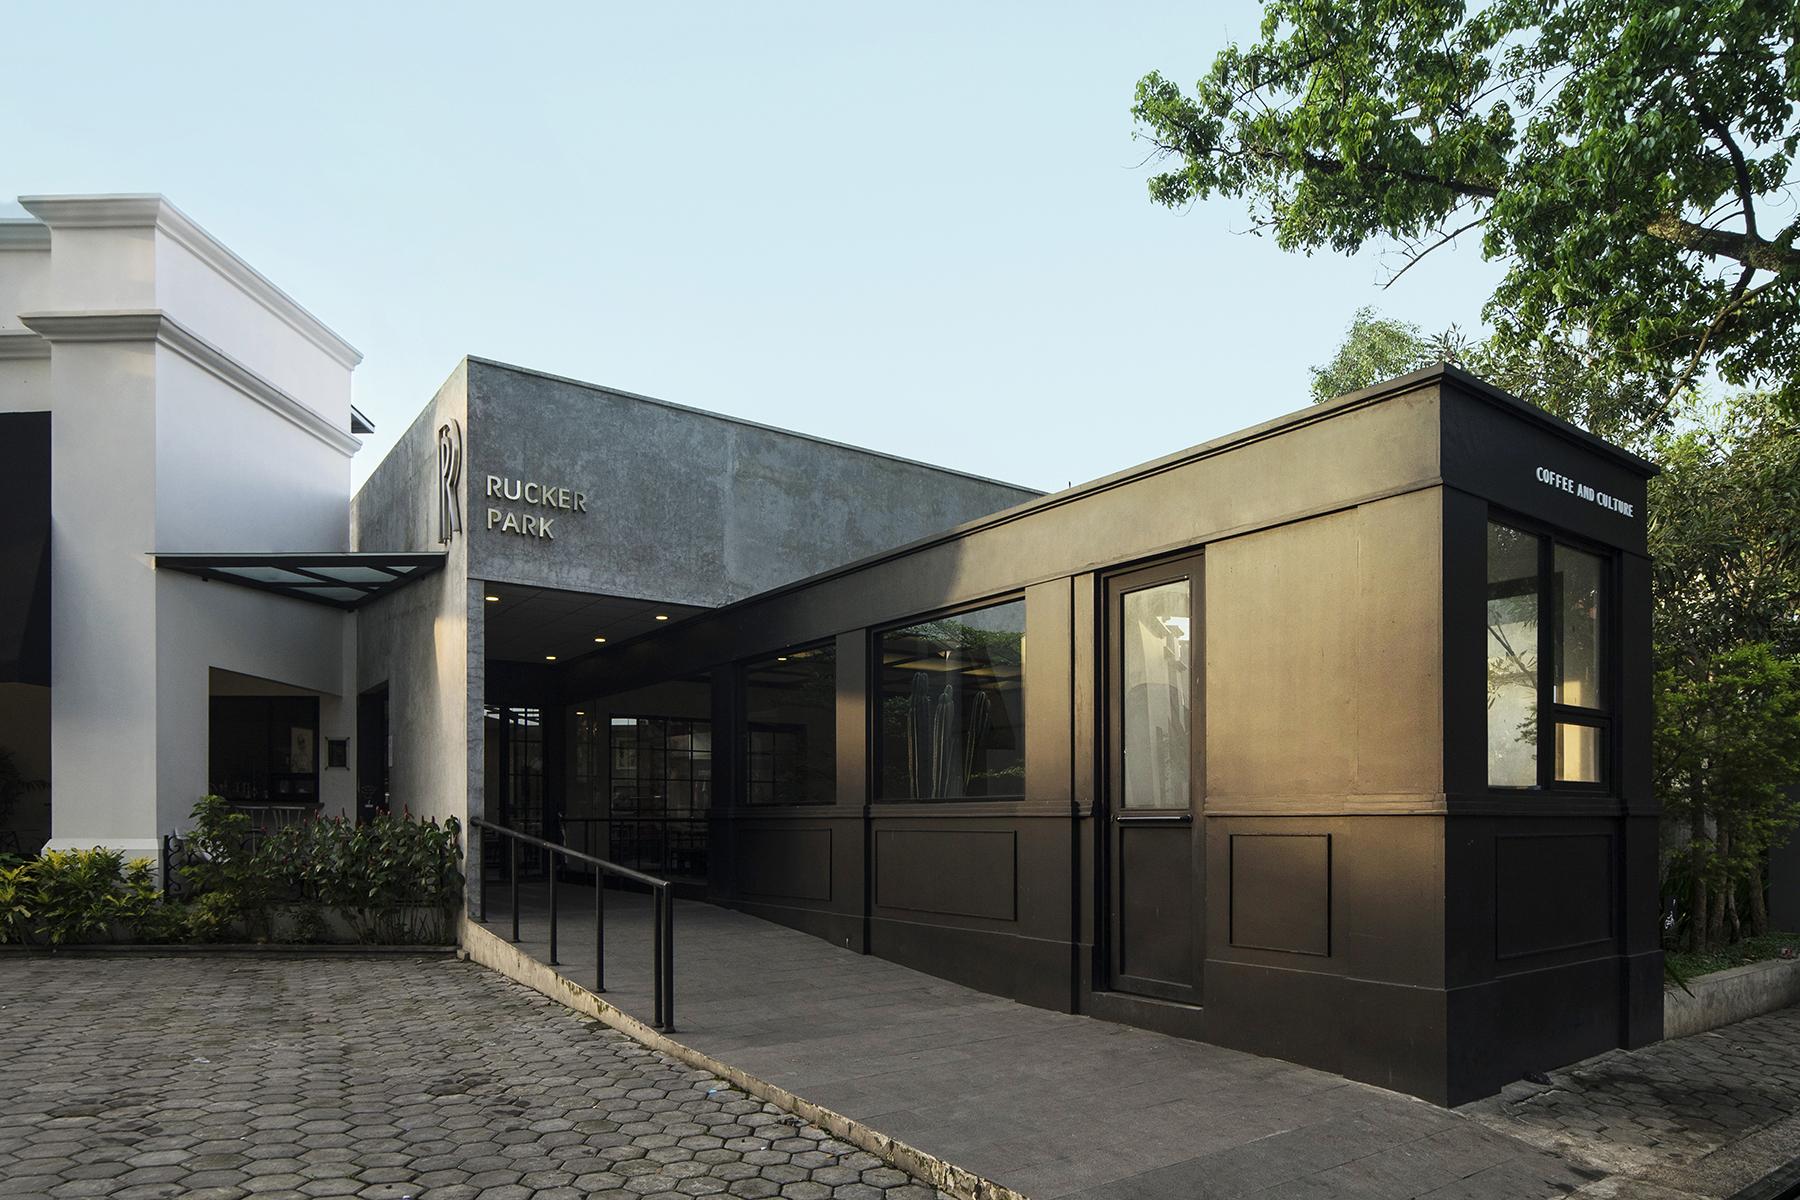 Rucker Park - Aaksen Studio